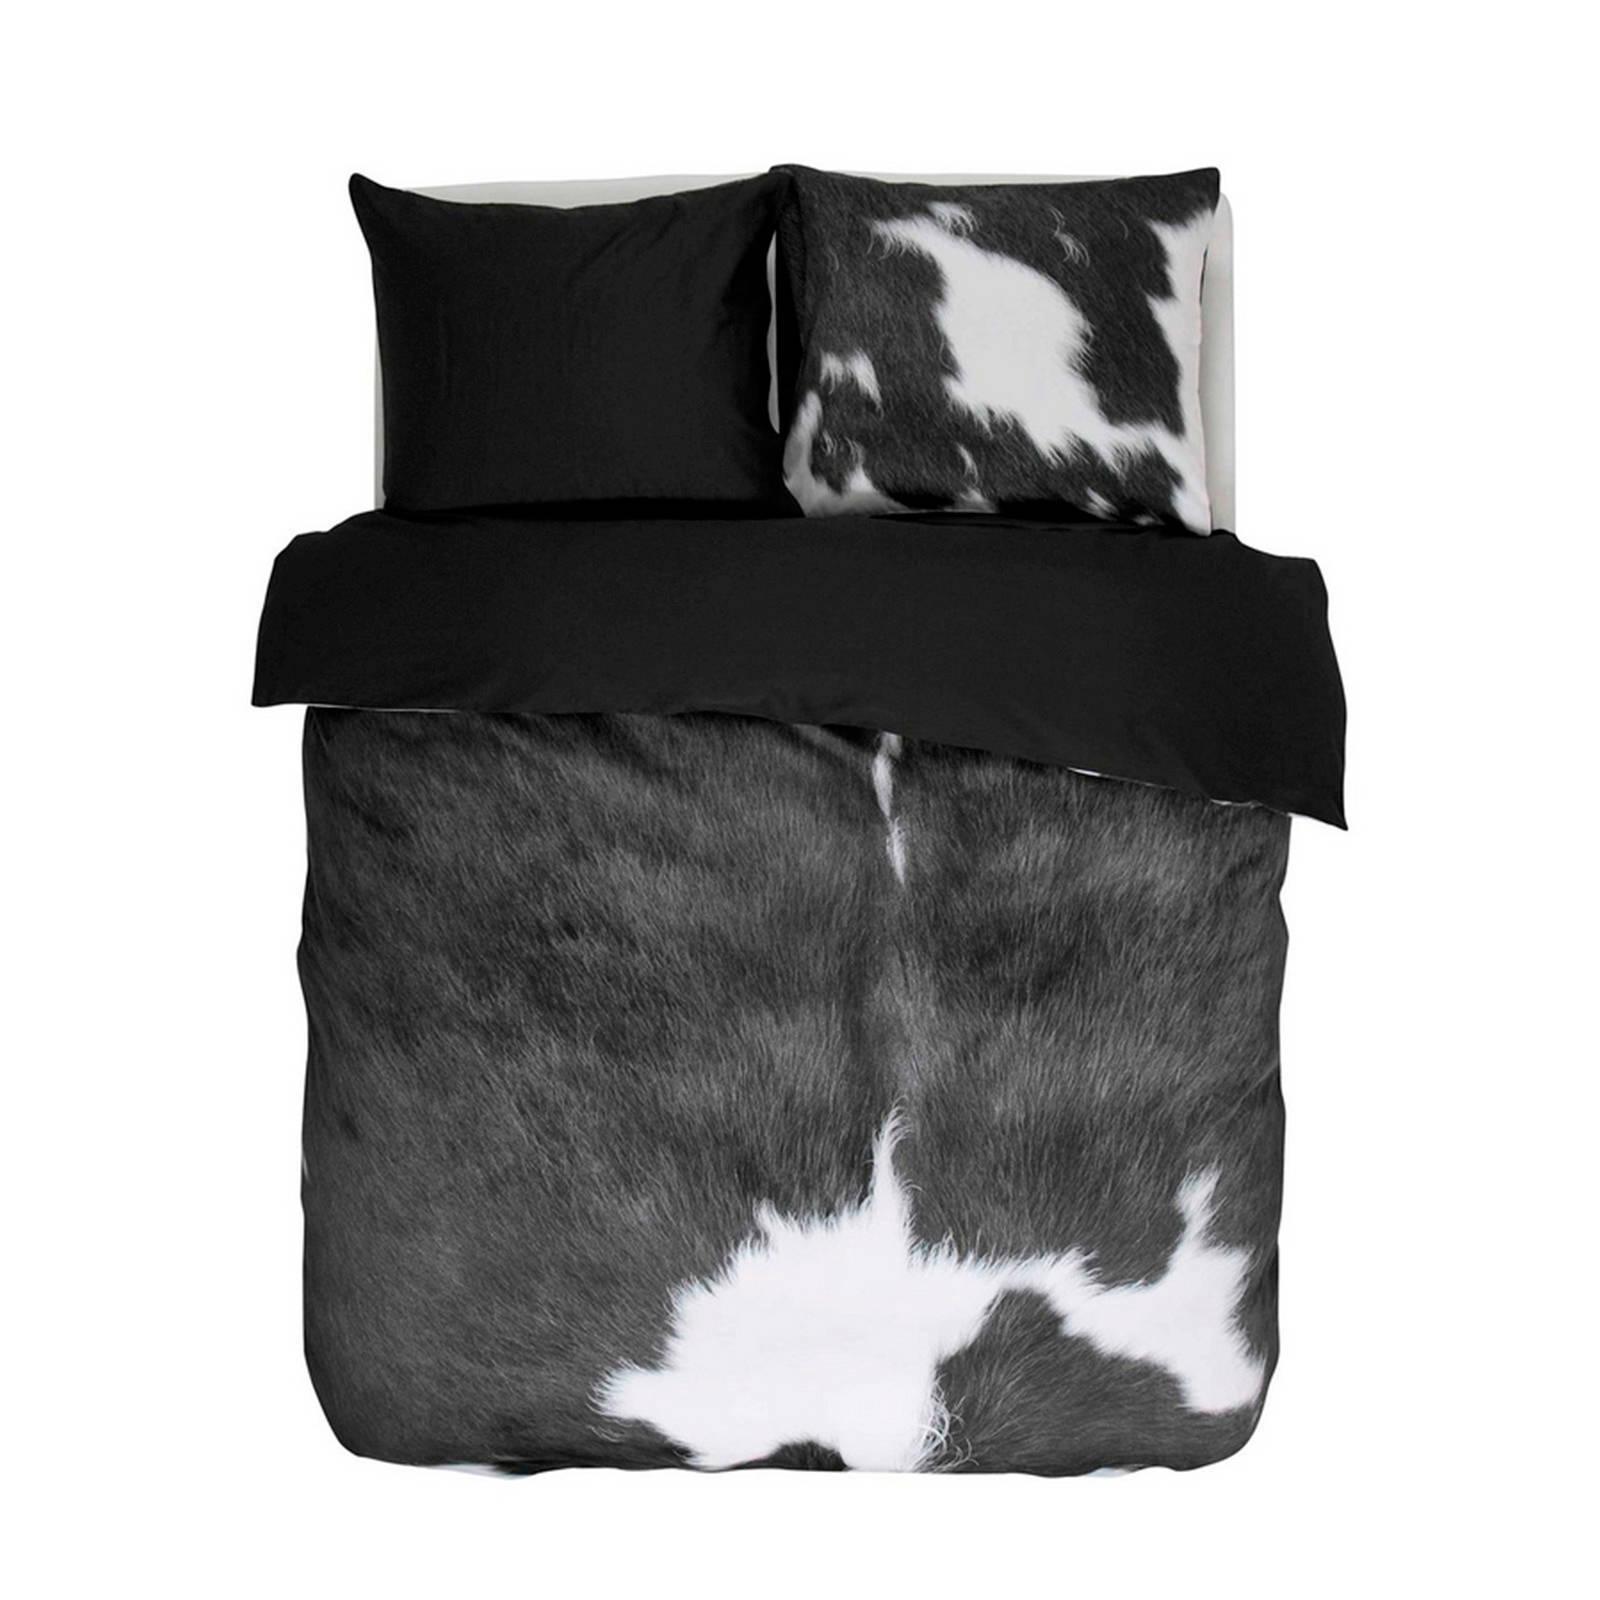 essenza katoensatijnen dekbedovertrek lits jumeaux zwart